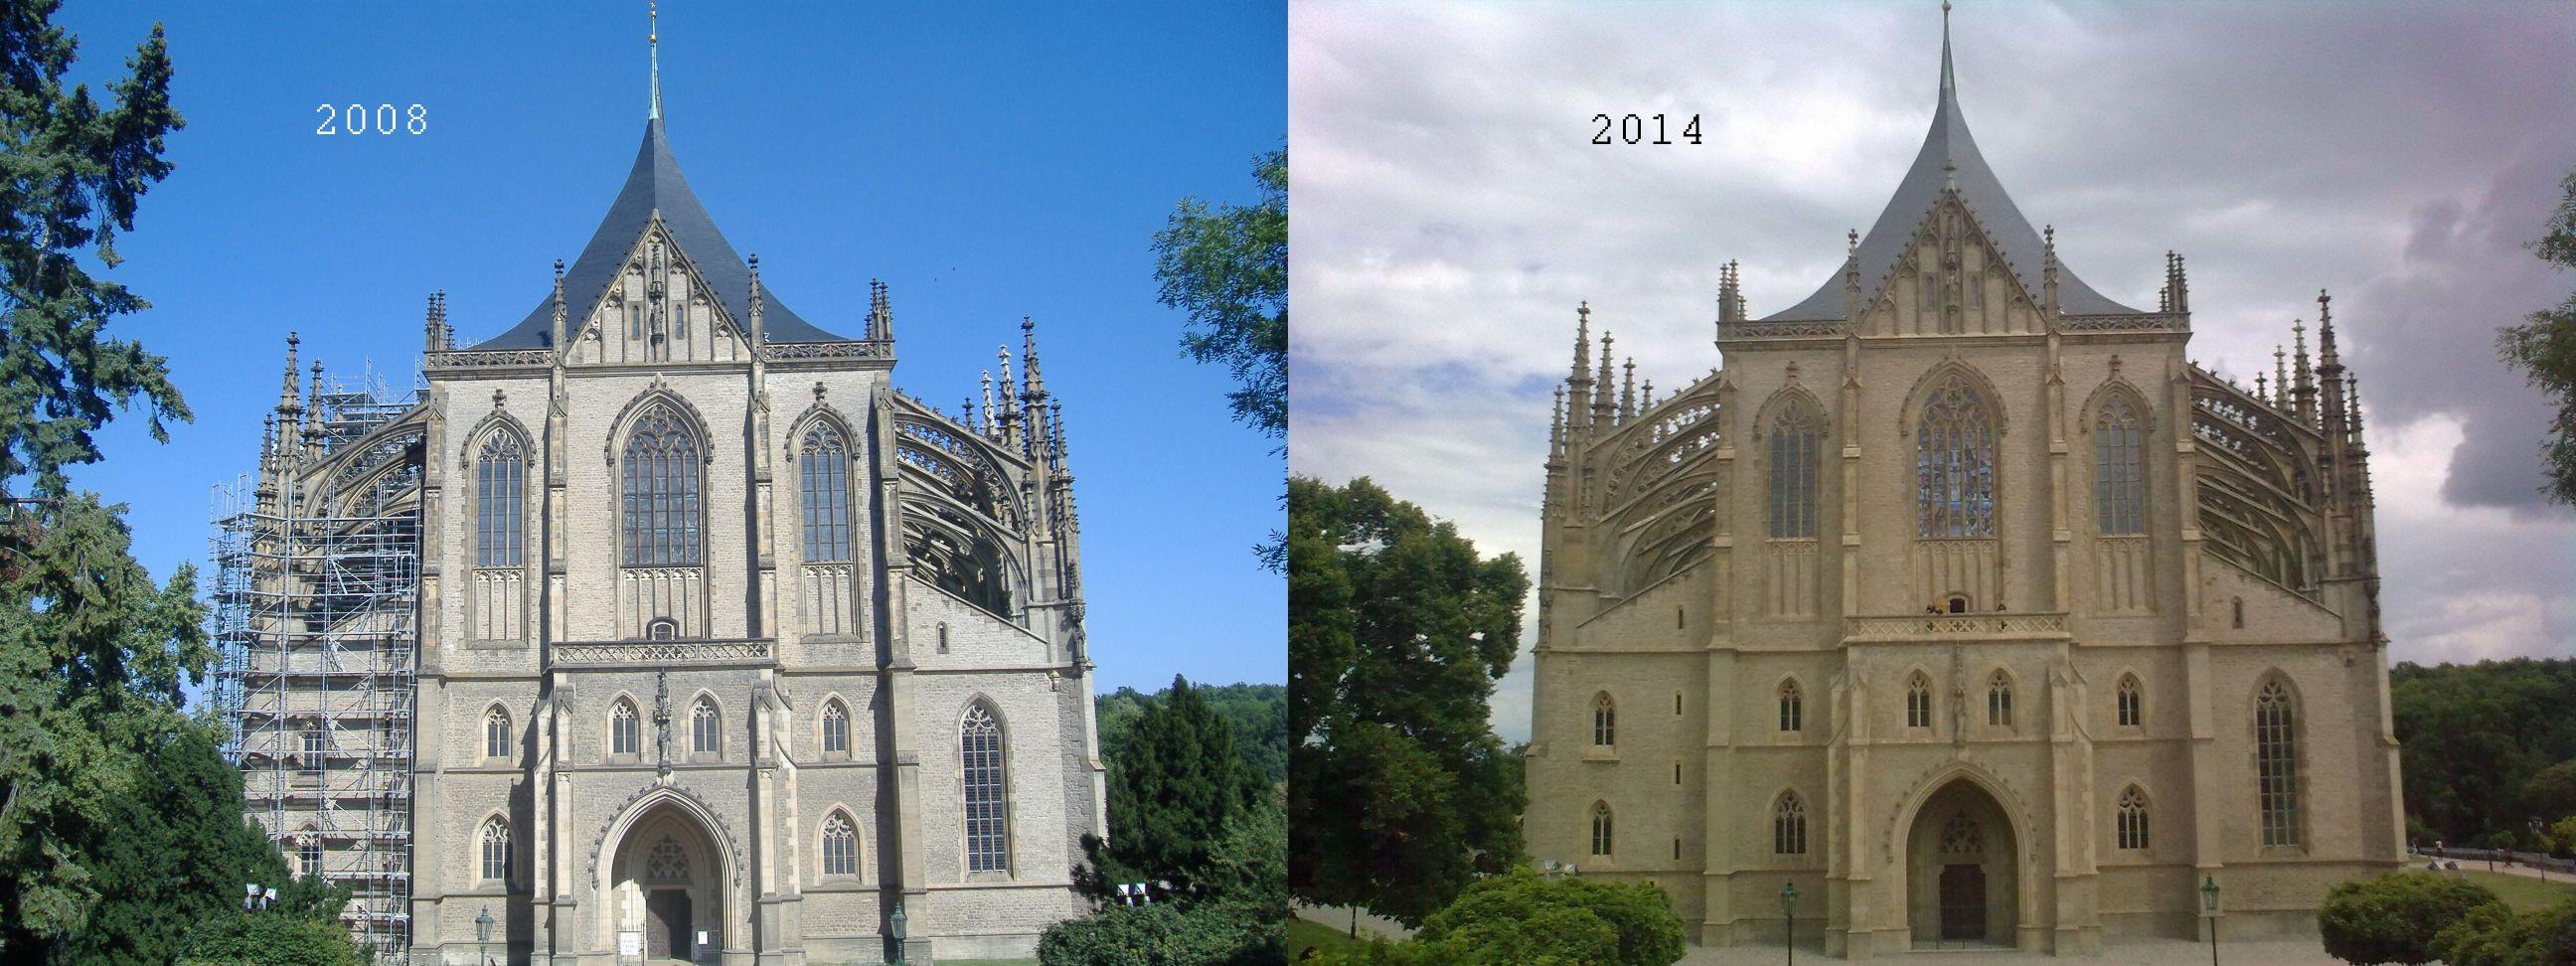 Kutna Horá, Szent Barbara Katedrális 2008-ban és 2014-ben